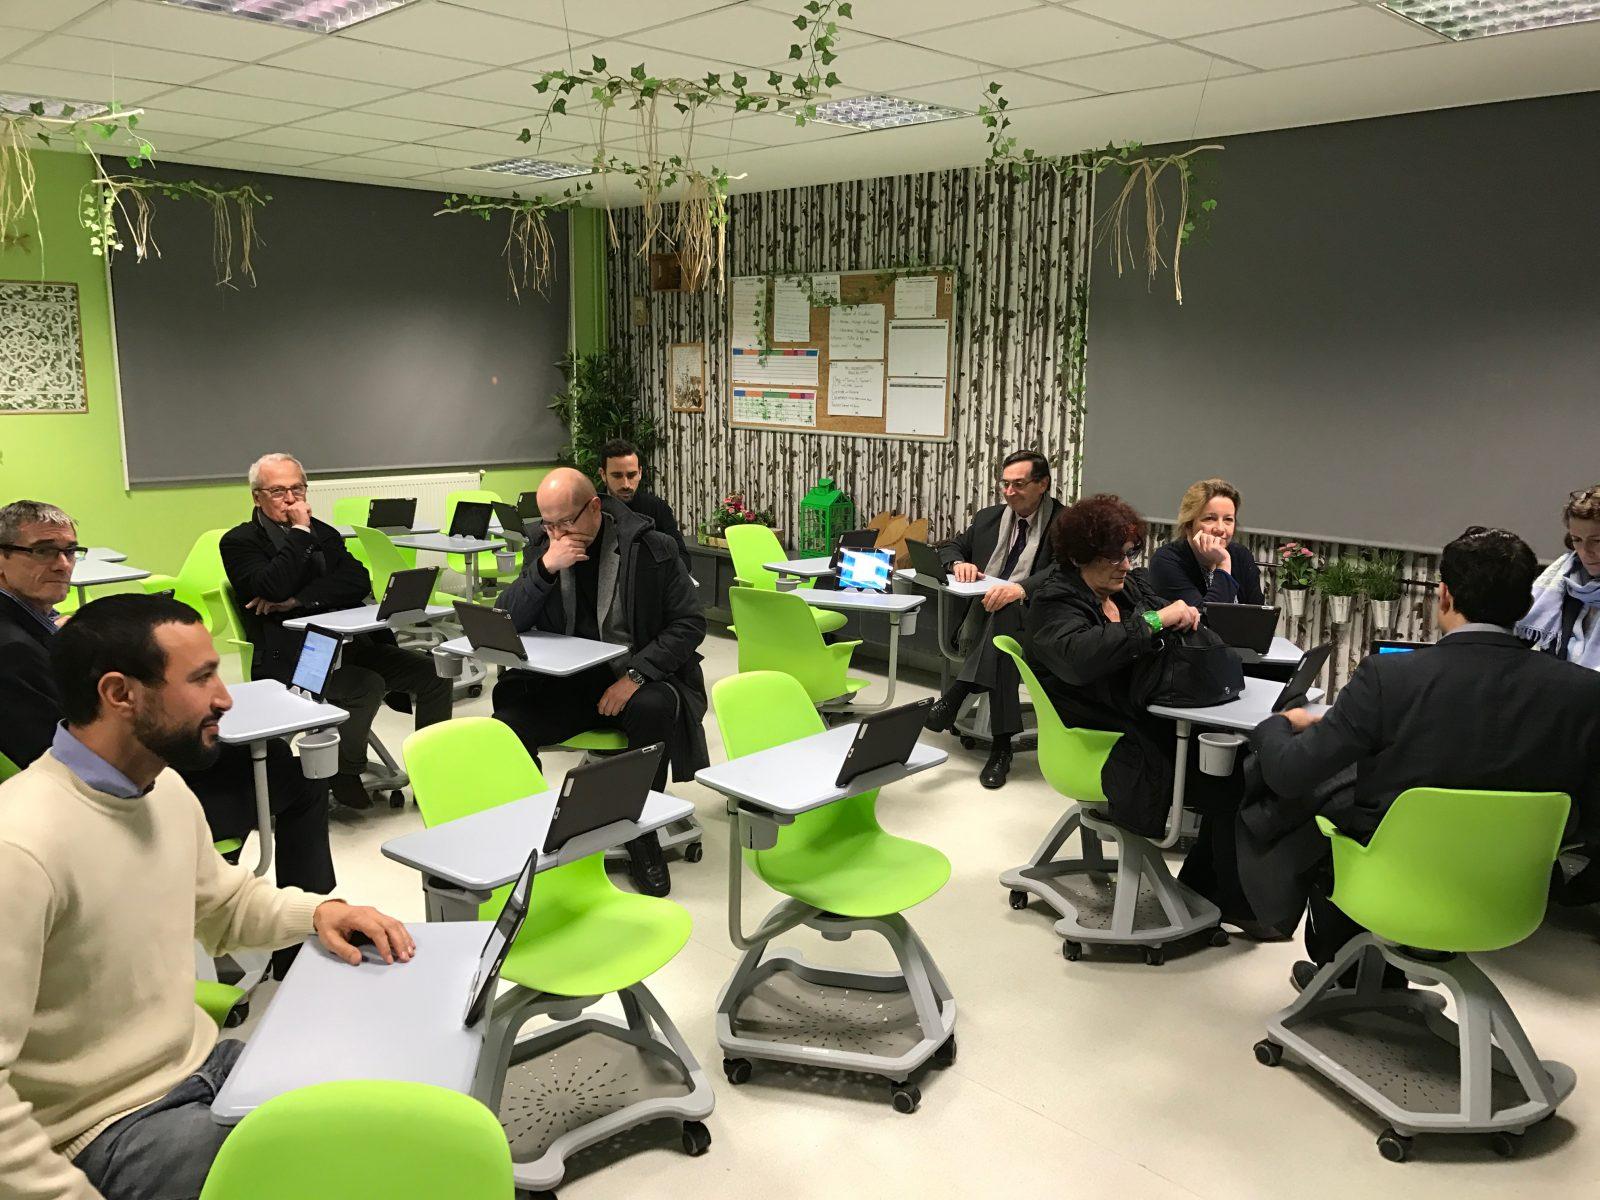 Inauguration salle de classe innovante